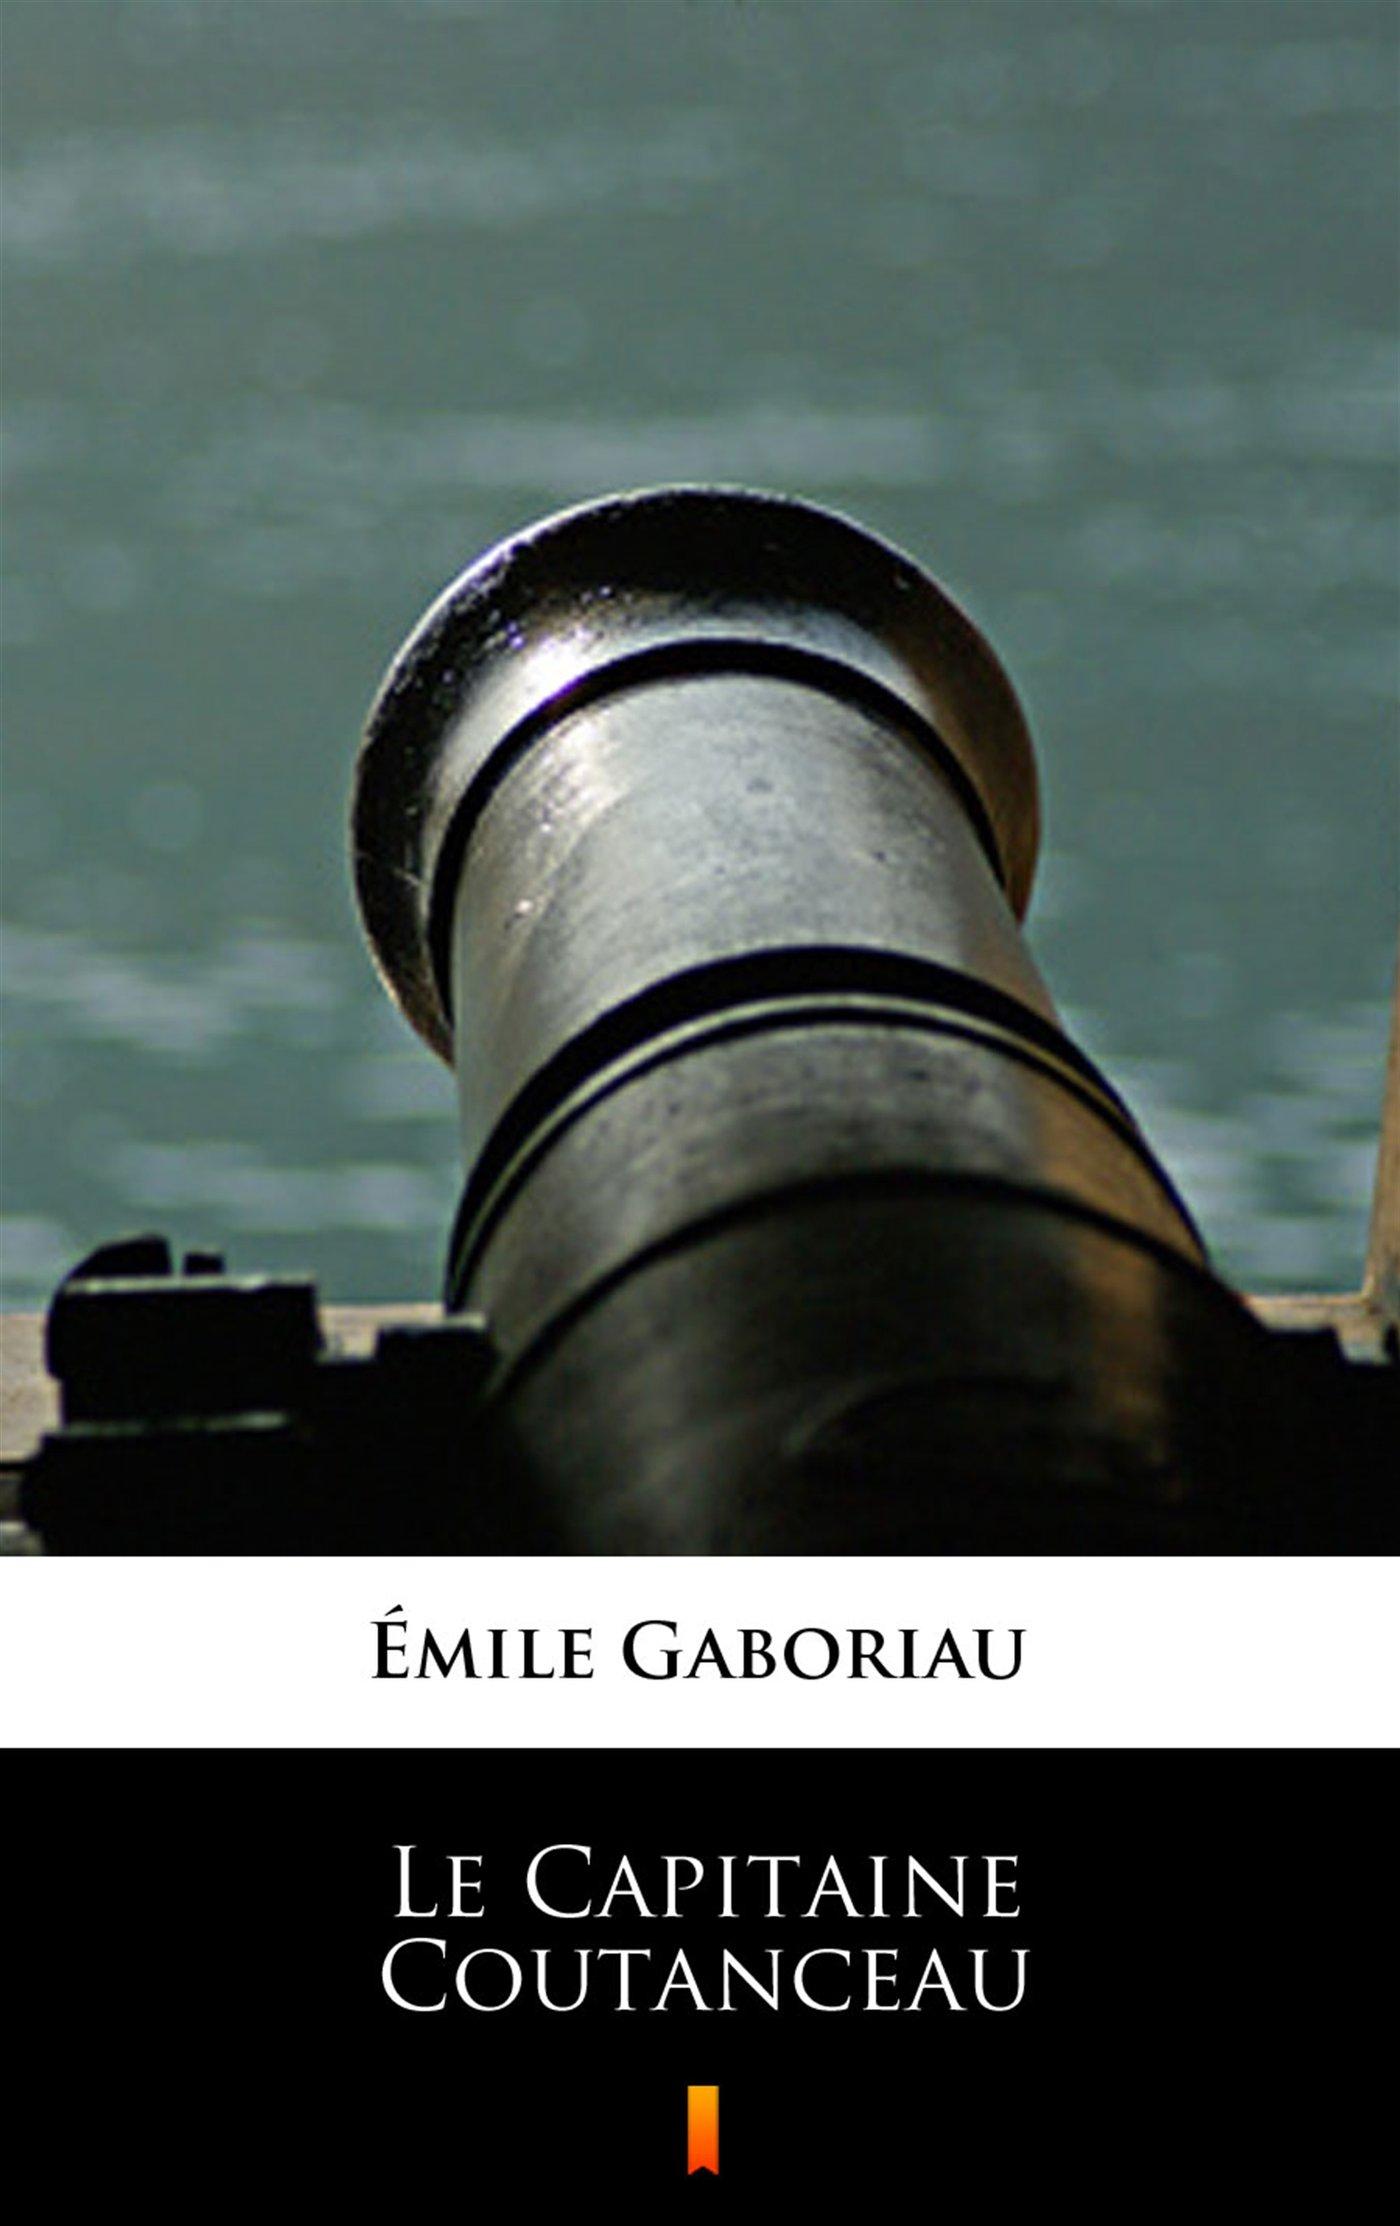 Le Capitaine Coutanceau - Ebook (Książka na Kindle) do pobrania w formacie MOBI